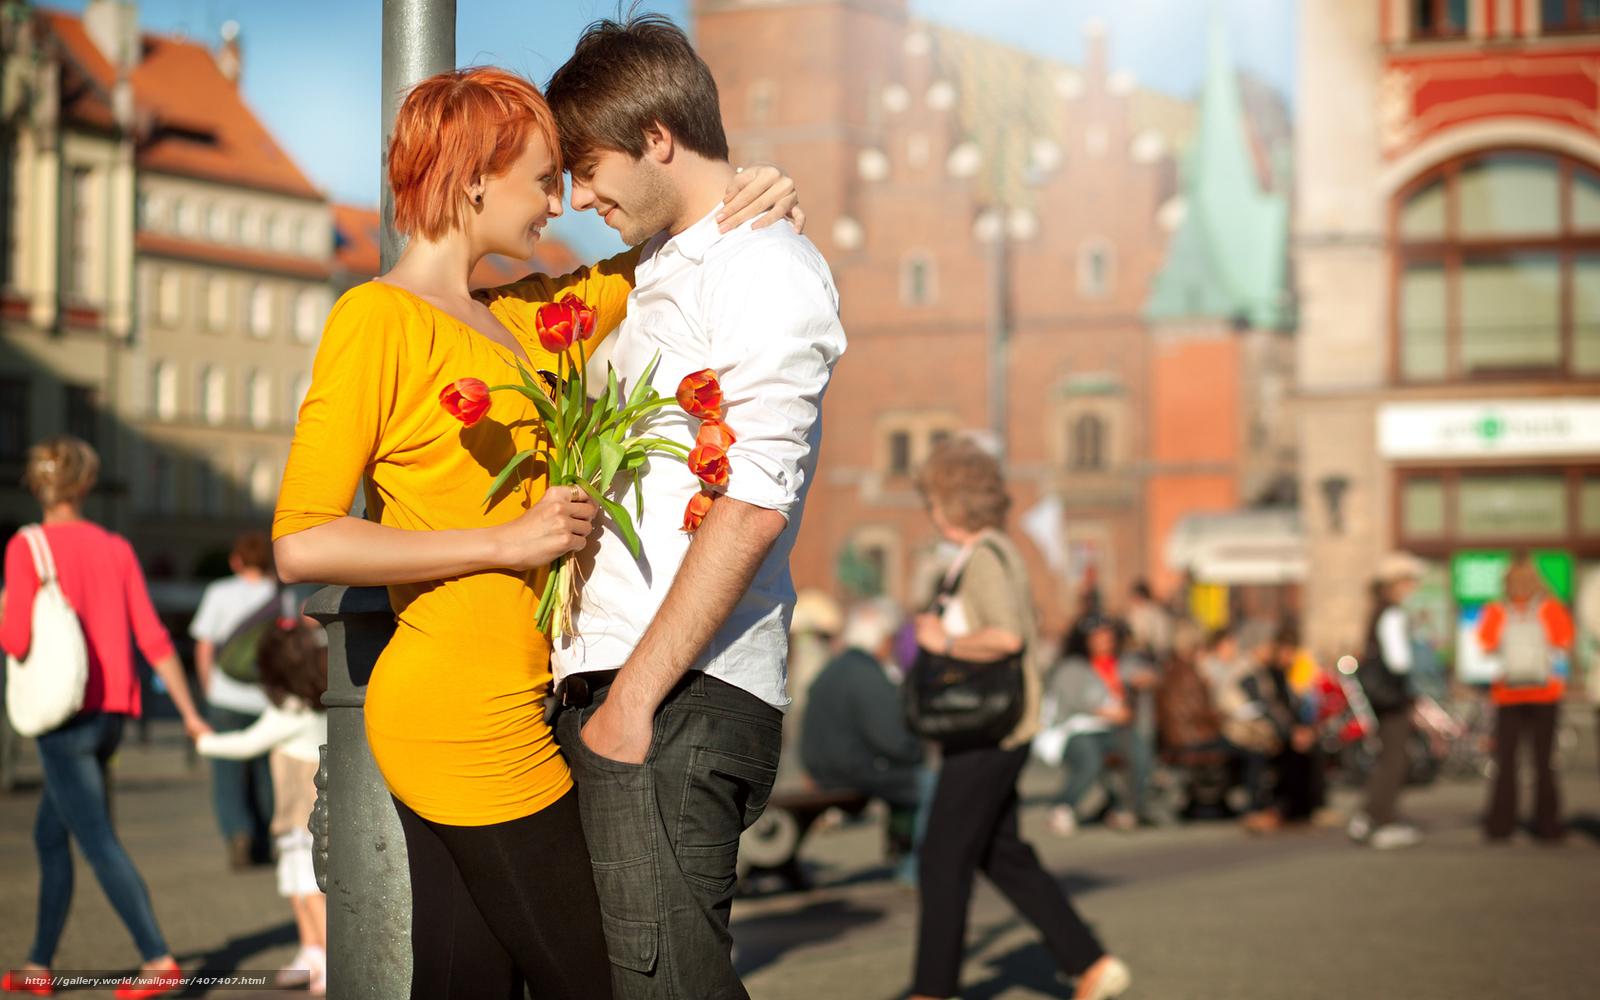 Рыжие девушки с мужчиной картинки 28 фотография